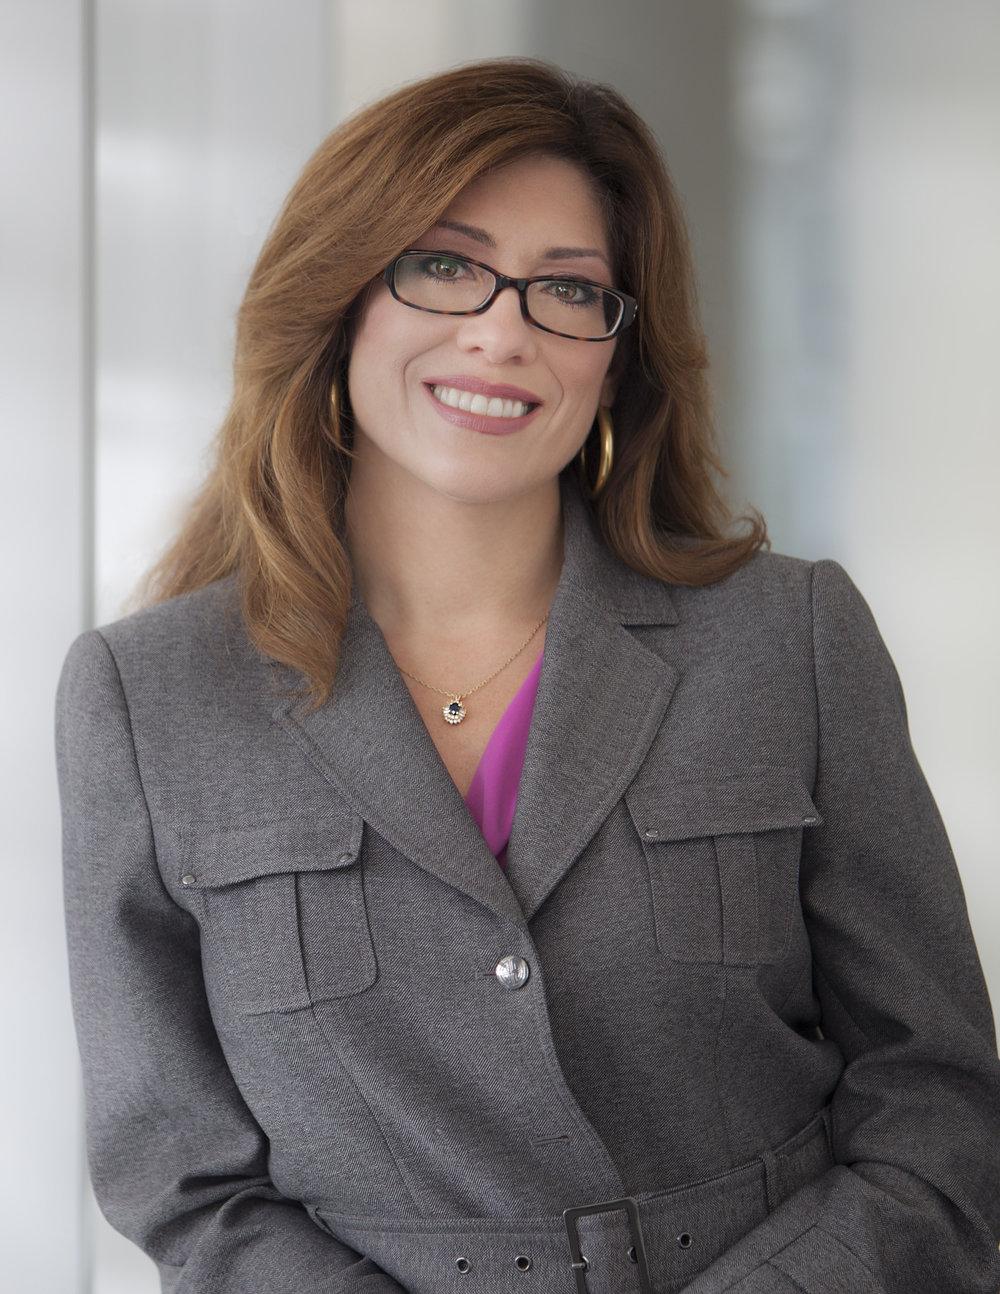 Rosemarie Andolino Headshot High Res.jpg